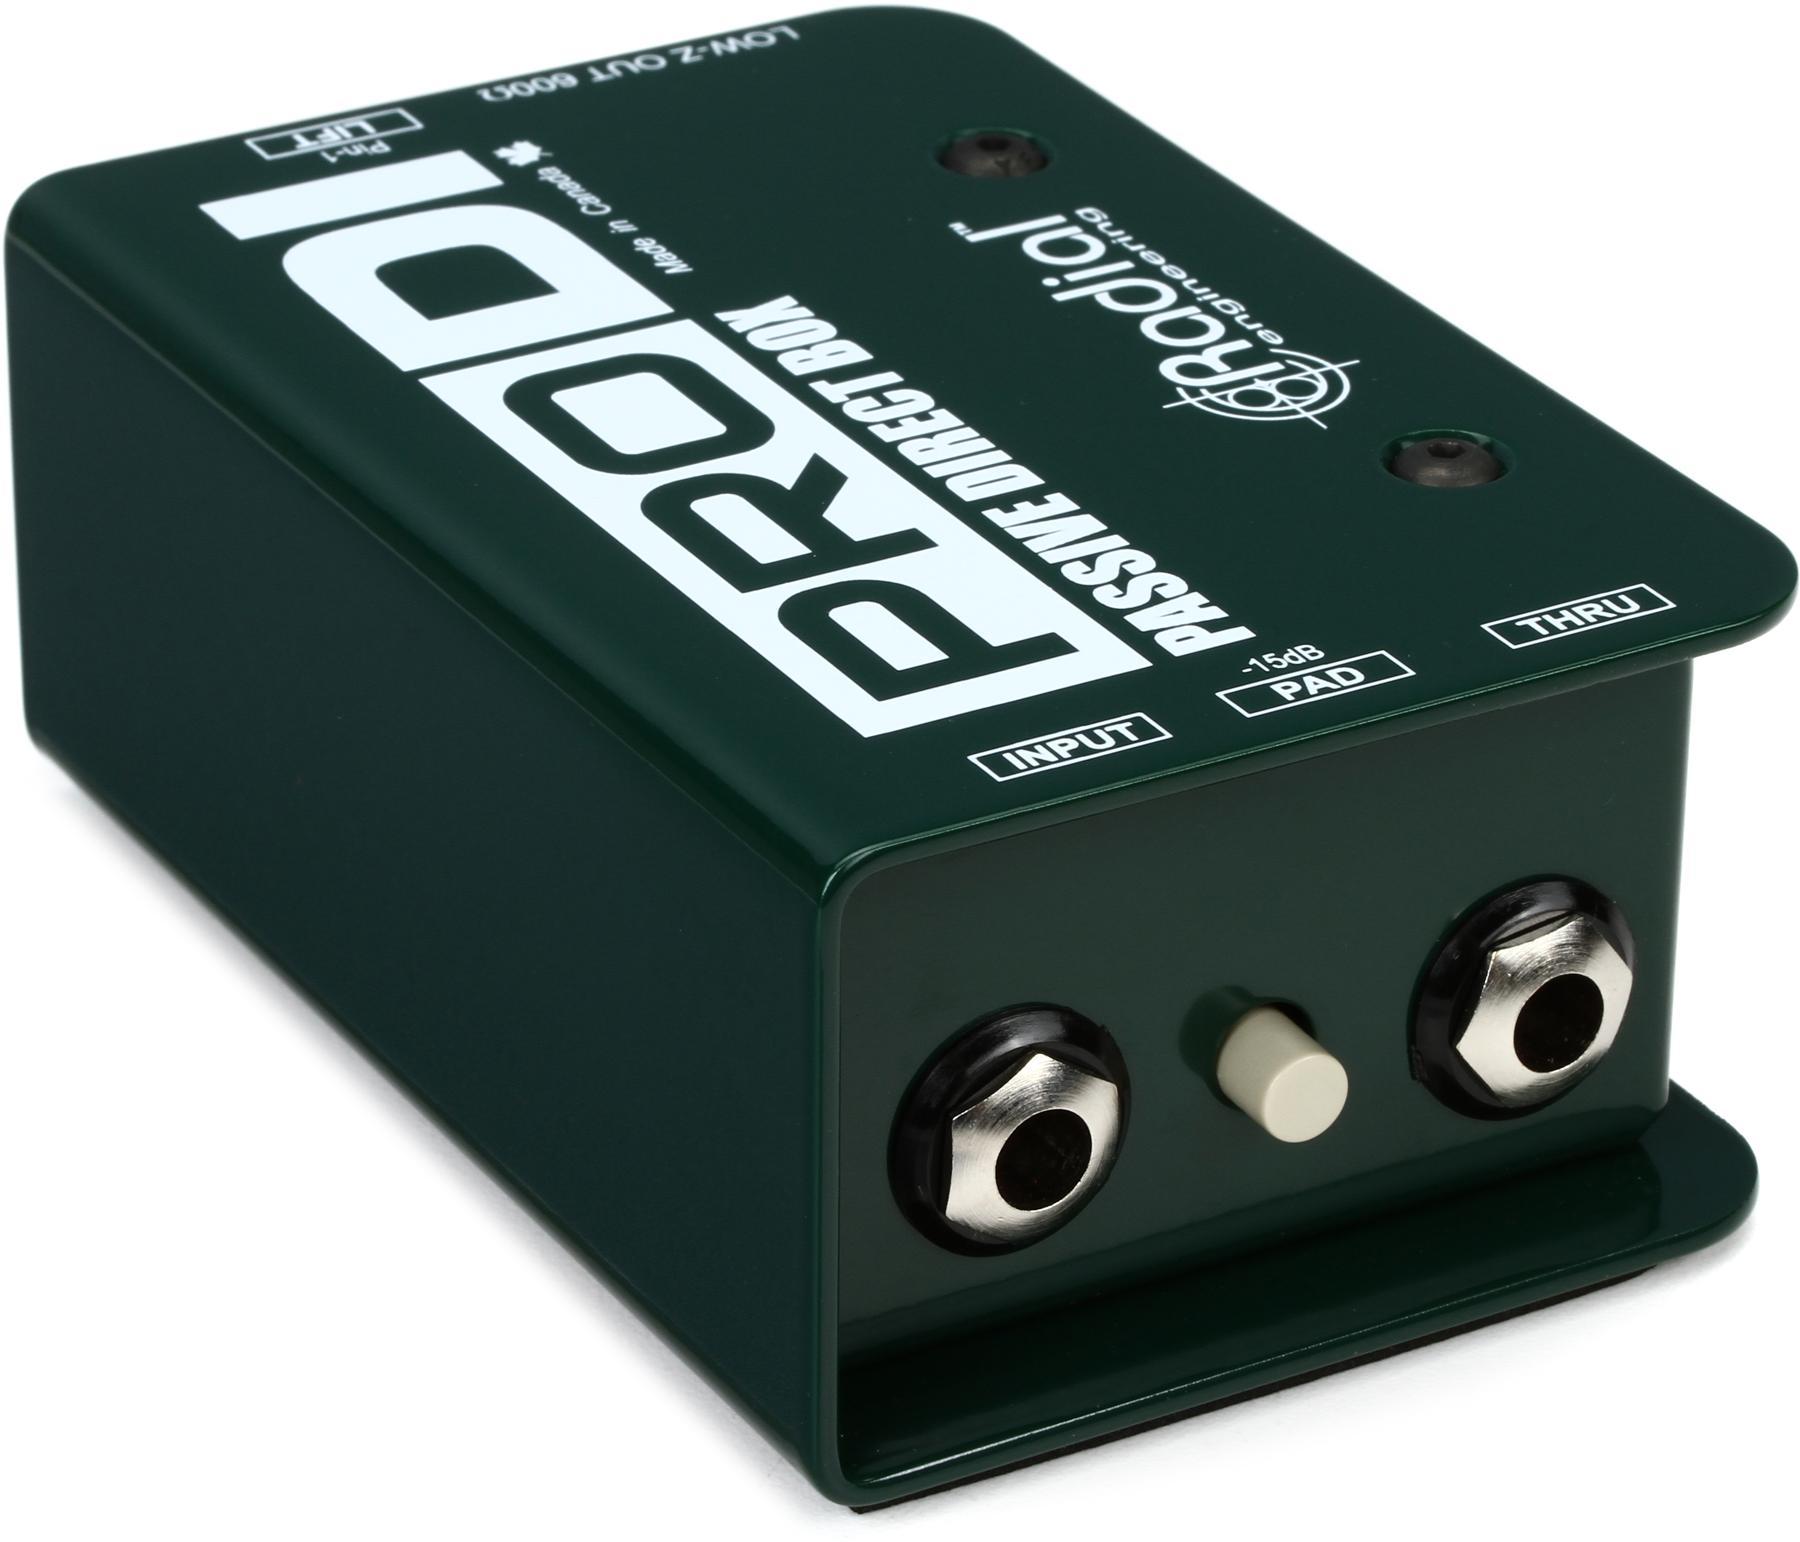 (Passive DI Box) Radial ProDI 1-channel Passive Instrument Direct Box